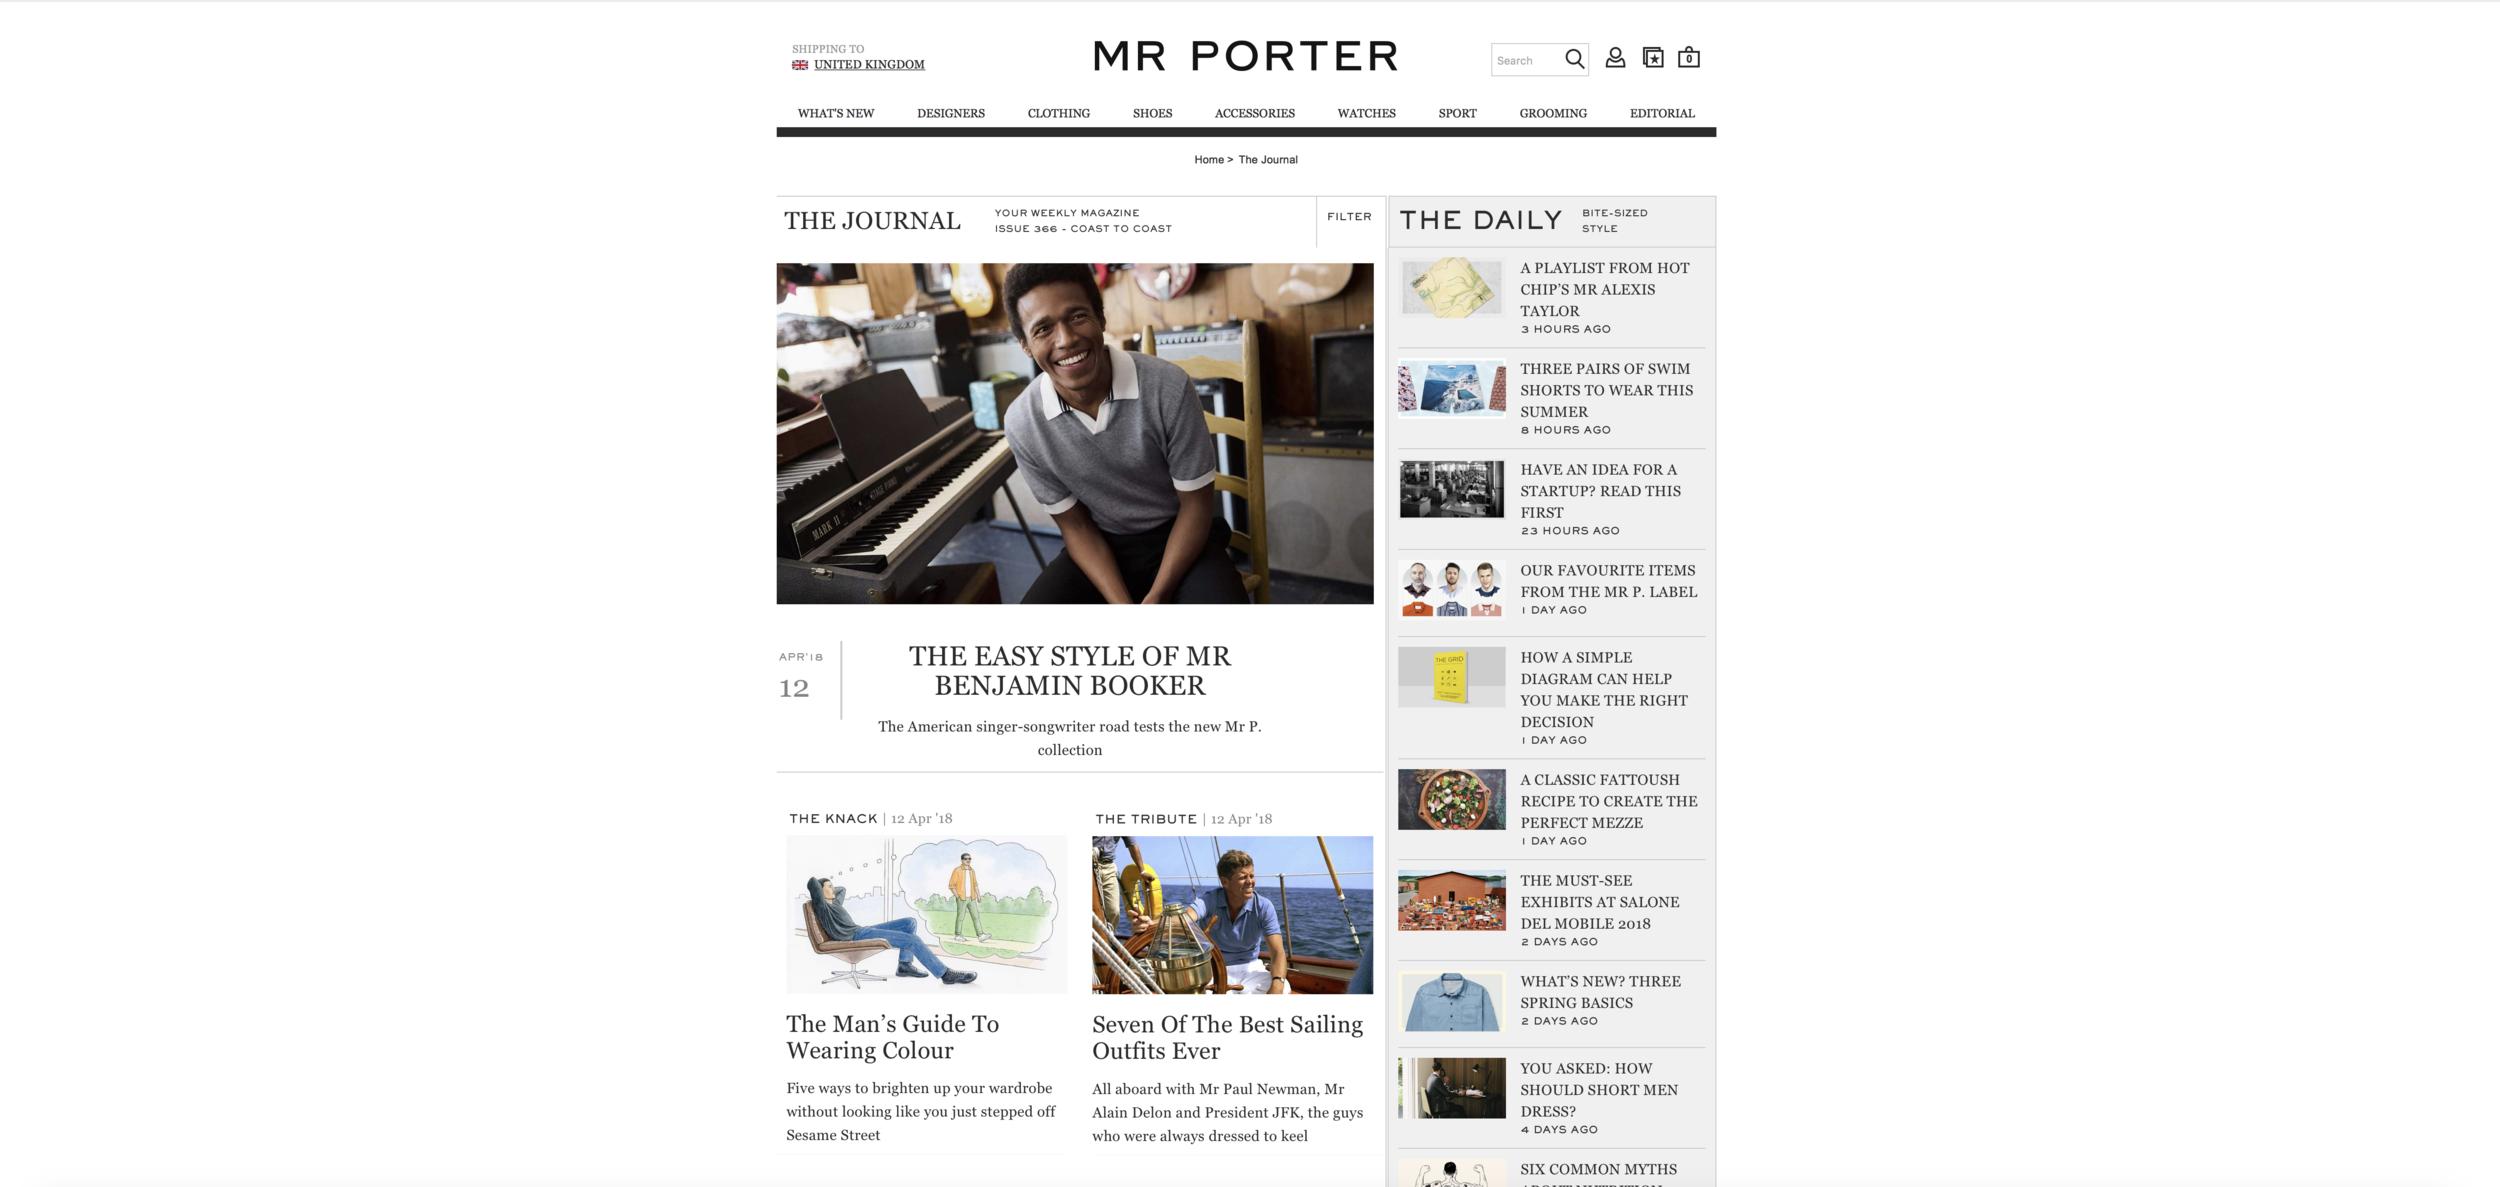 Mr Porter's Journal Section